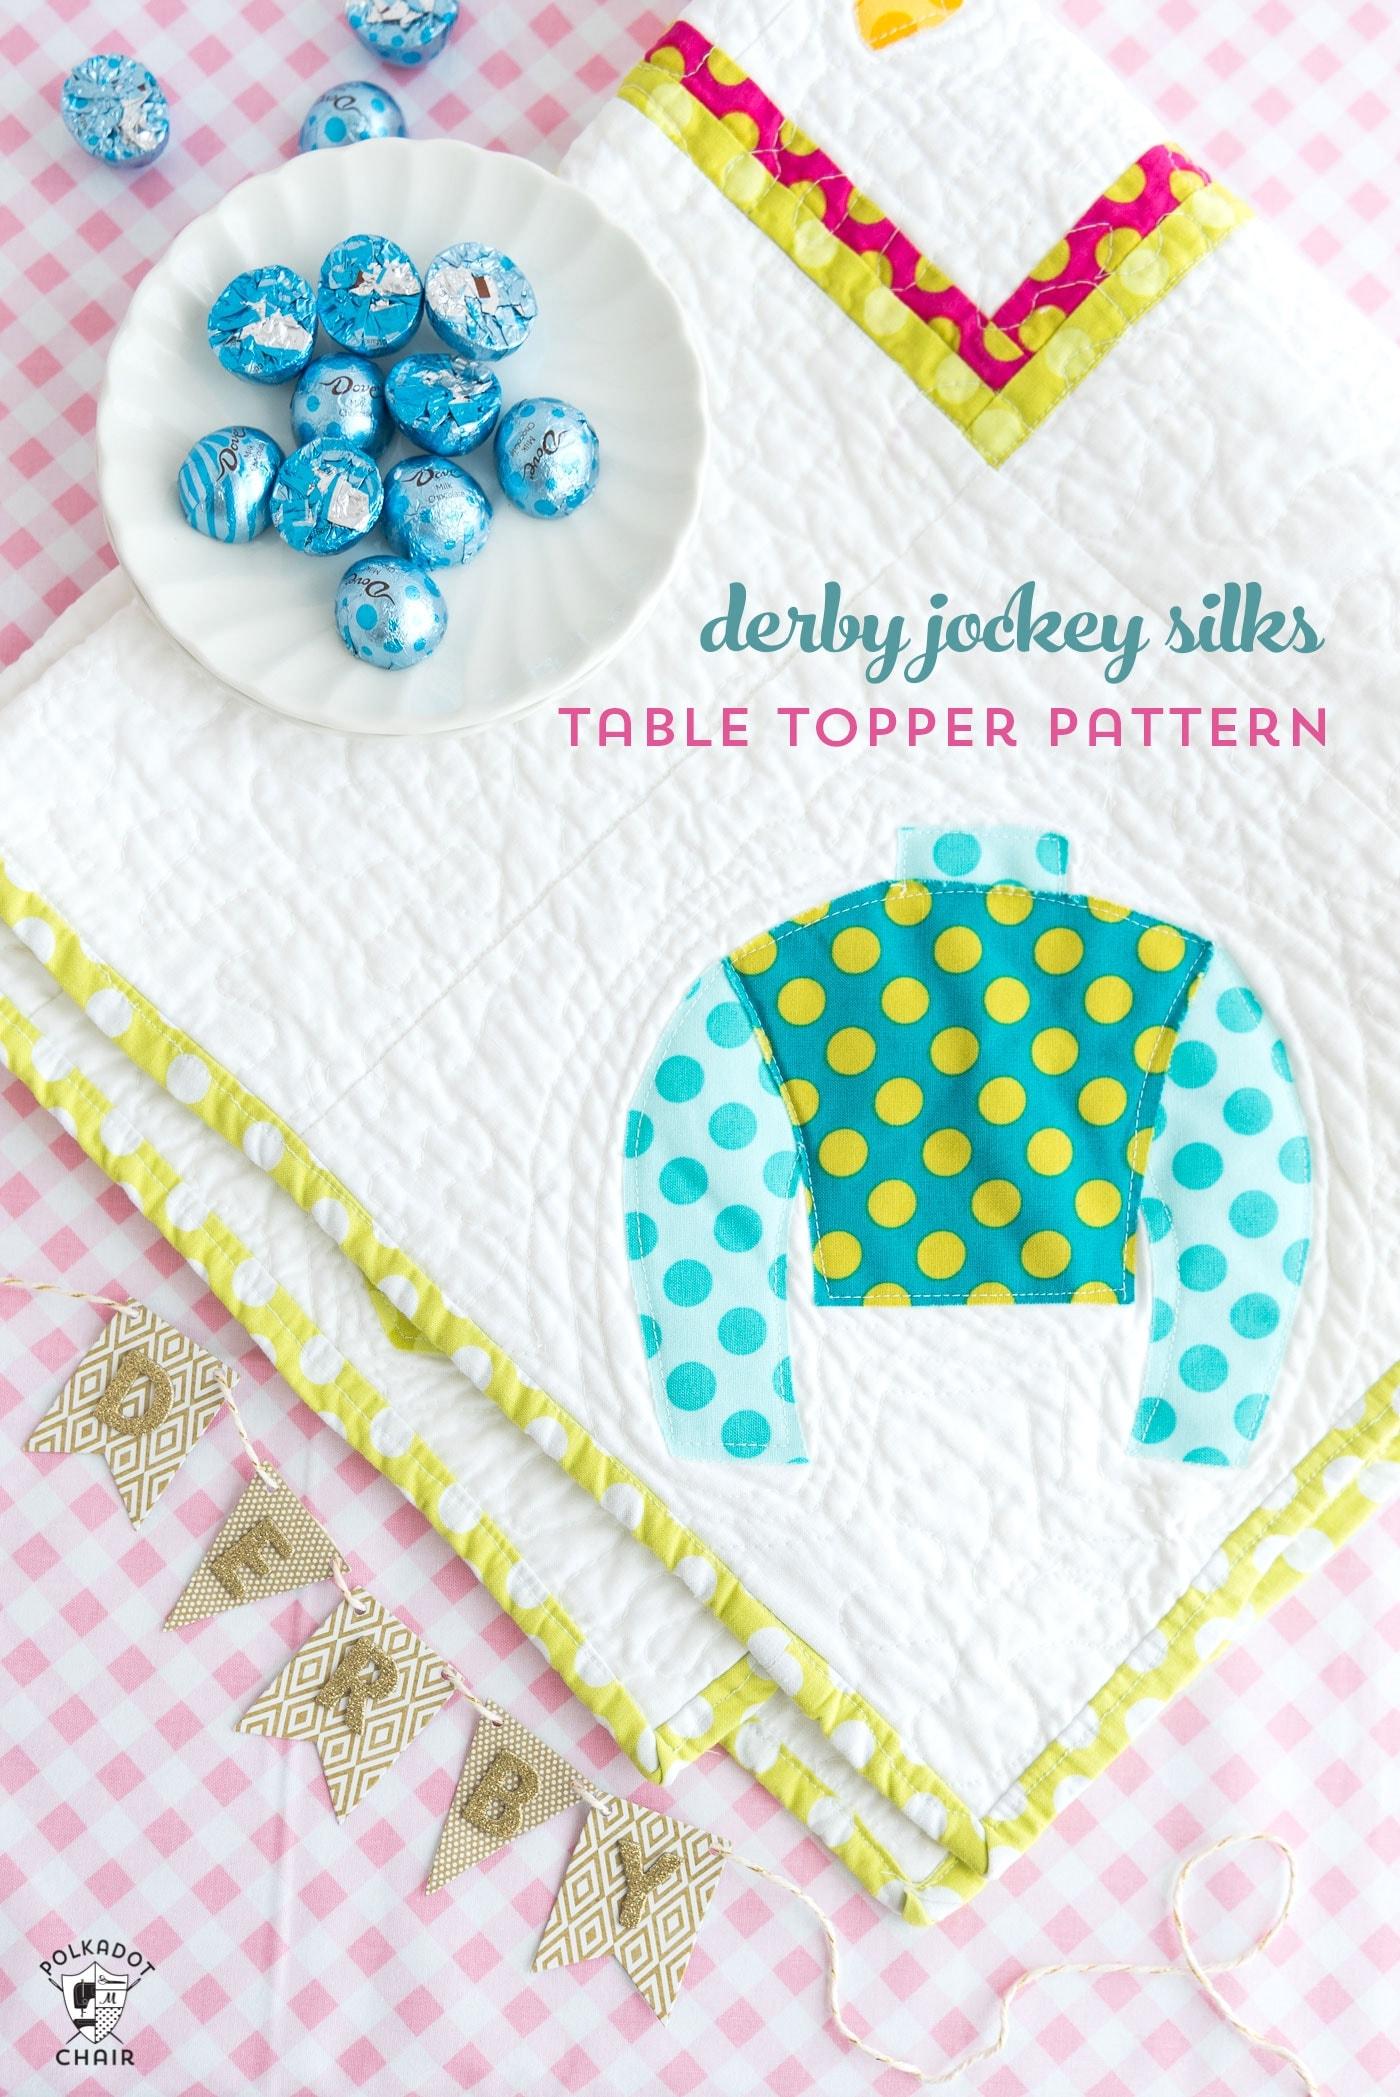 Jockey Silks Table Topper Pattern A Diy Derby Project